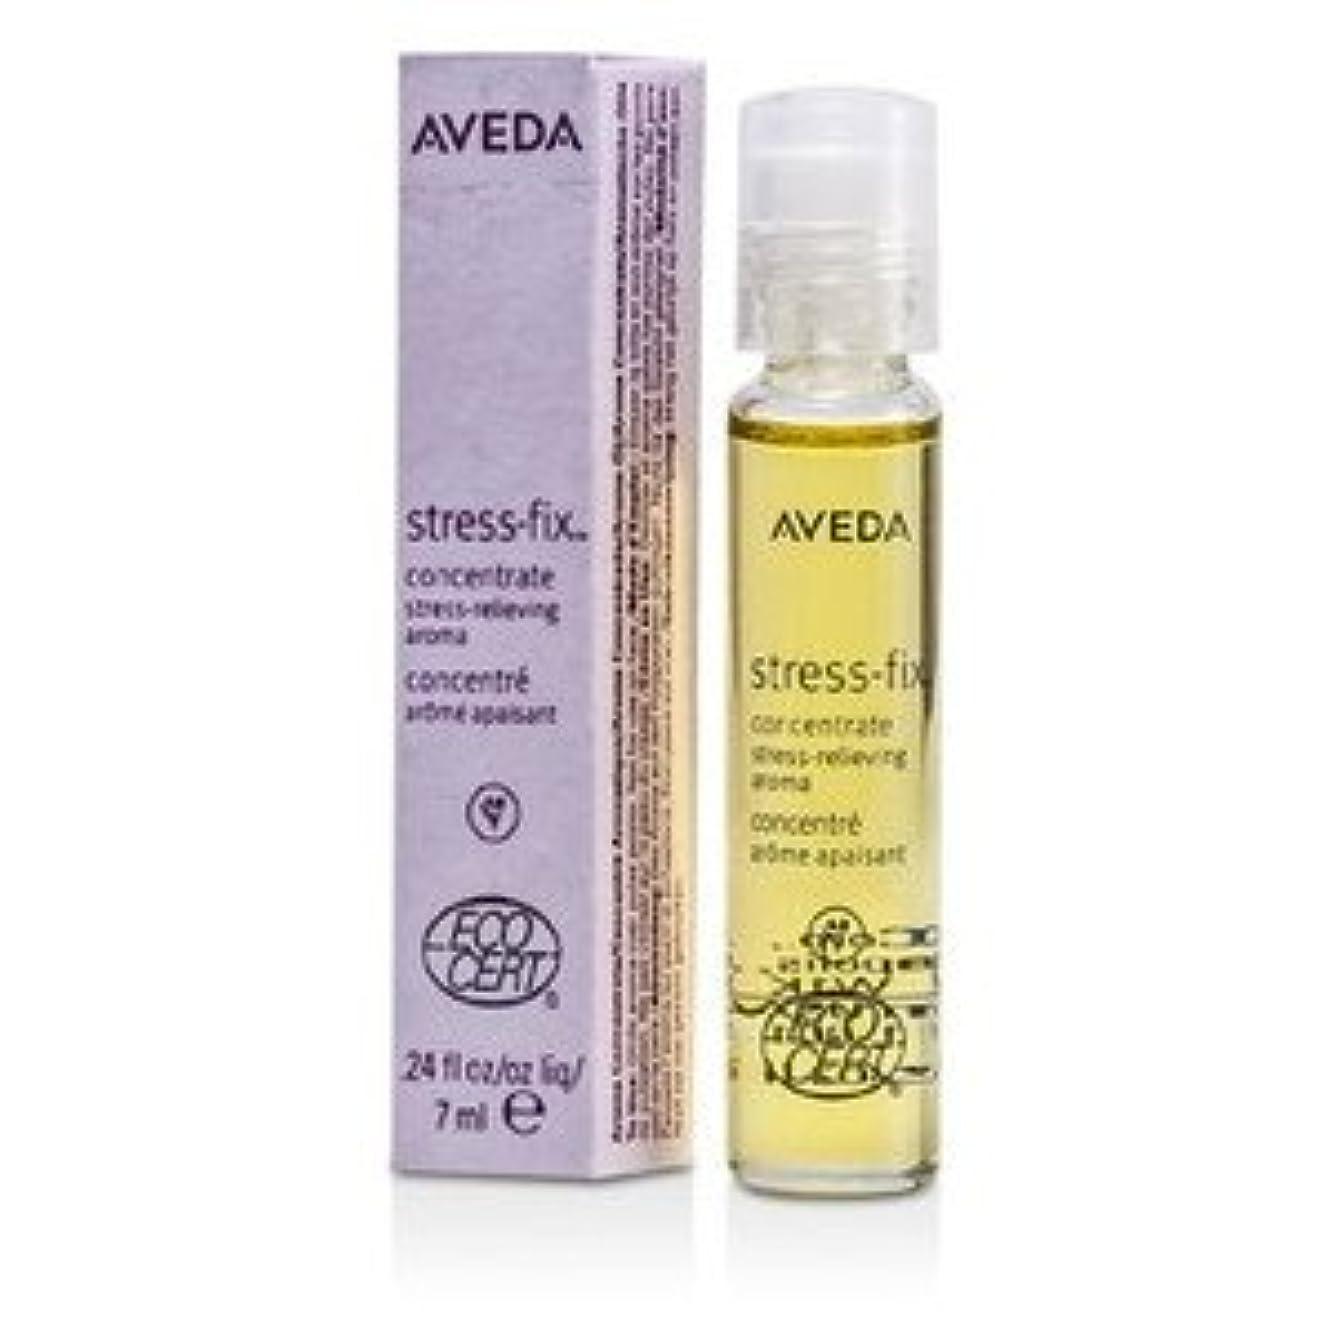 はっきりと素人卵Aveda(アヴェダ) ストレス Fix コンセントレイト 7ml/0.24oz [並行輸入品]